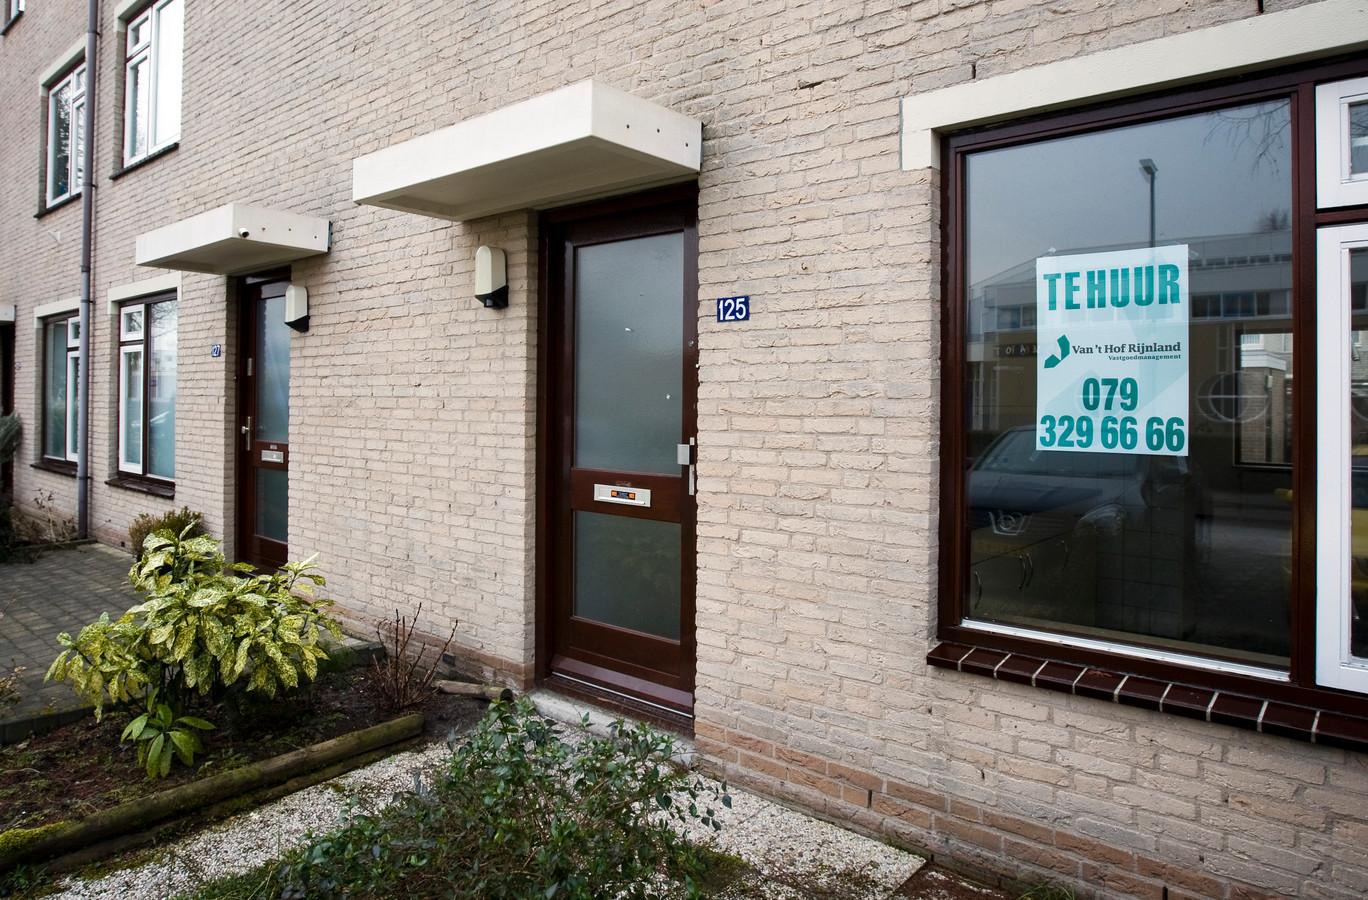 Woning te huur in Zoetermeer.